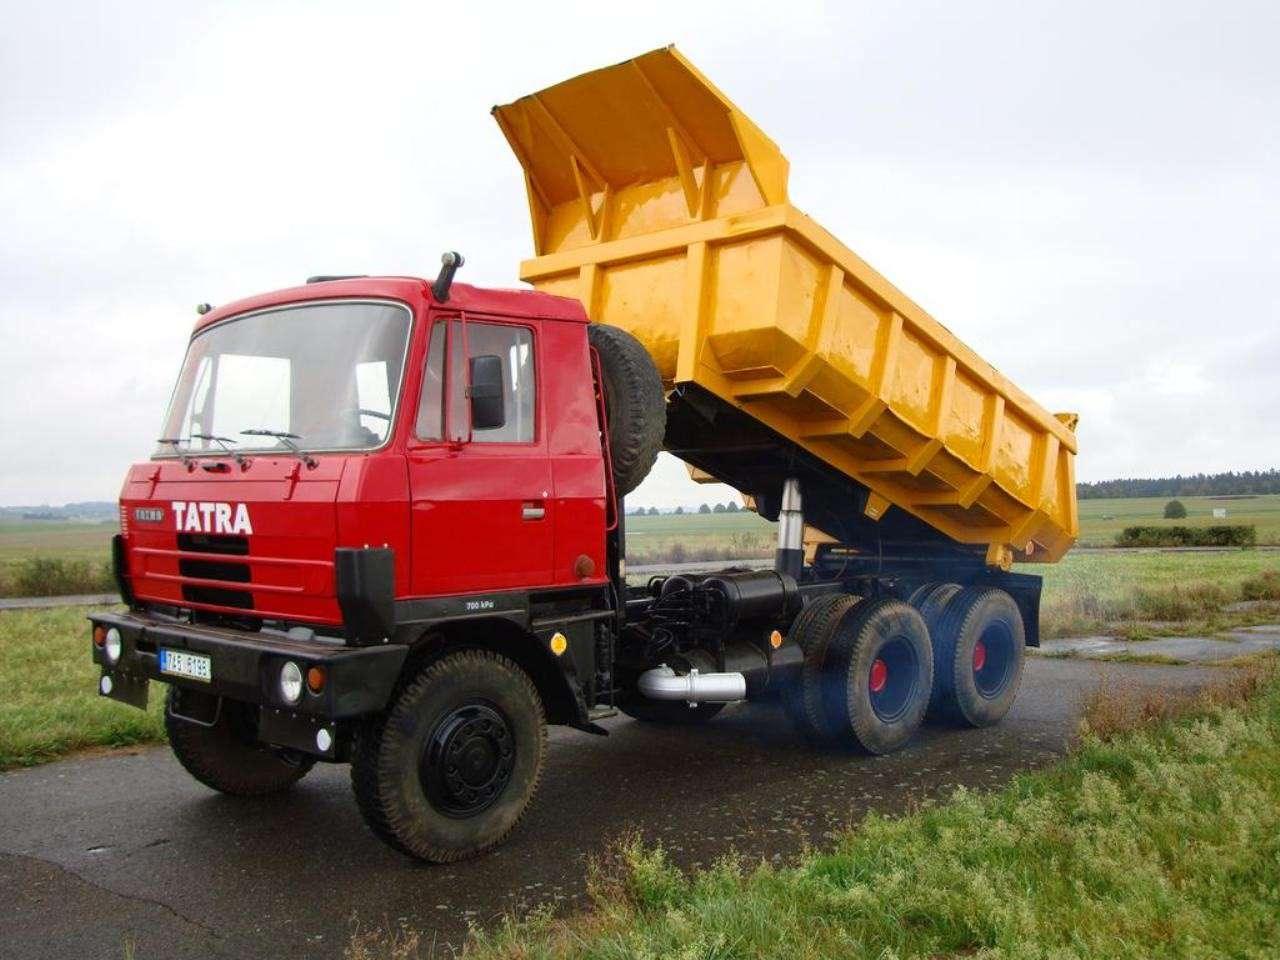 Татра-815 (Tatra T815): технические характеристики двигателя и трансмиссии, грузоподъемность и модельный ряд самосвалов